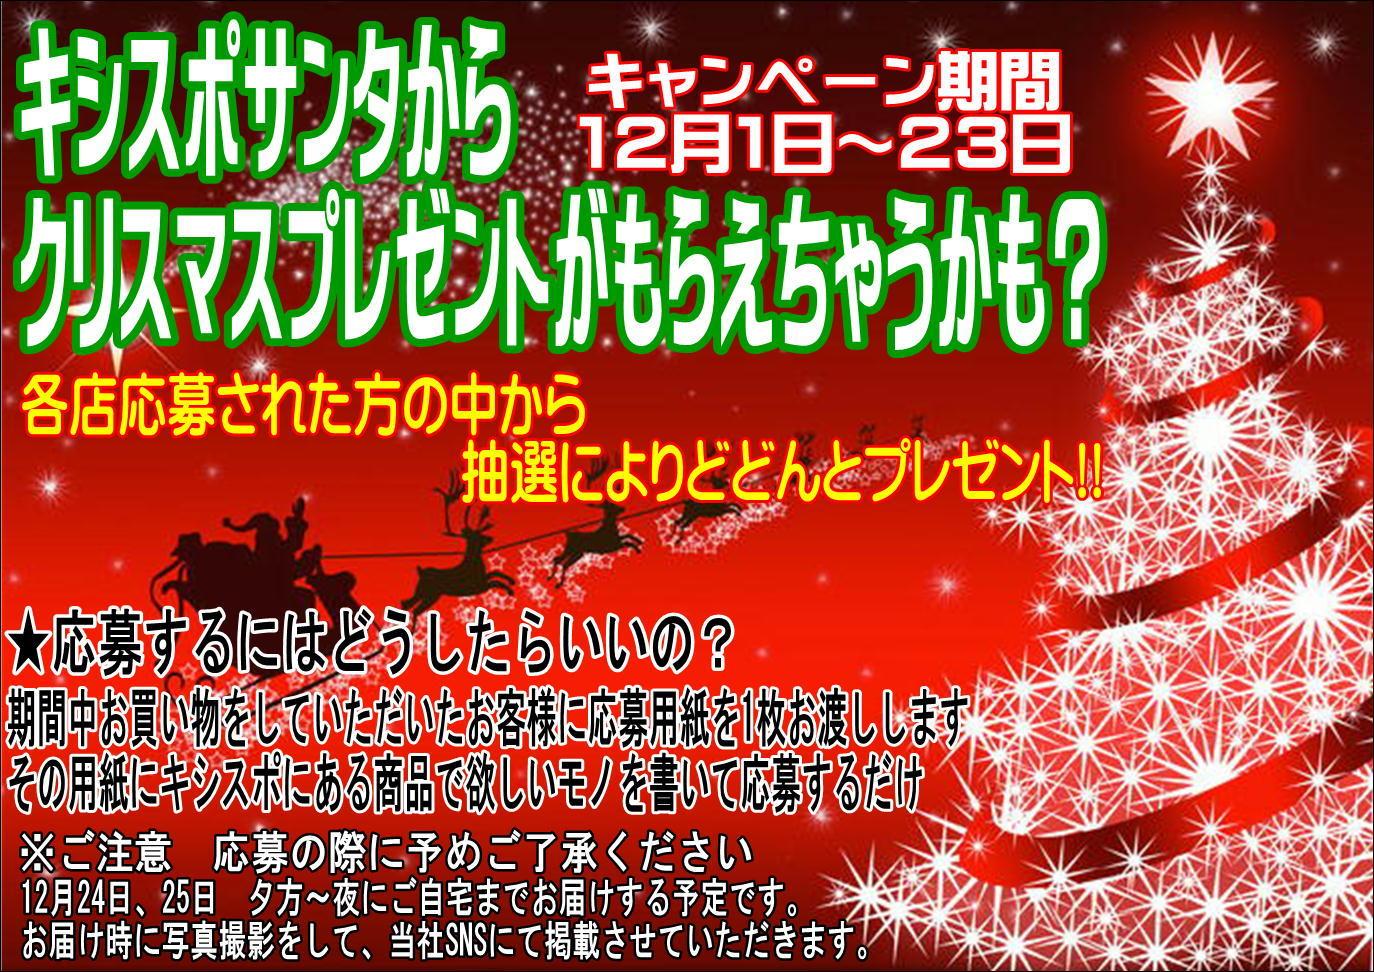 【 スーパーポイントバックキャンペーン 】_e0157573_21031154.jpg